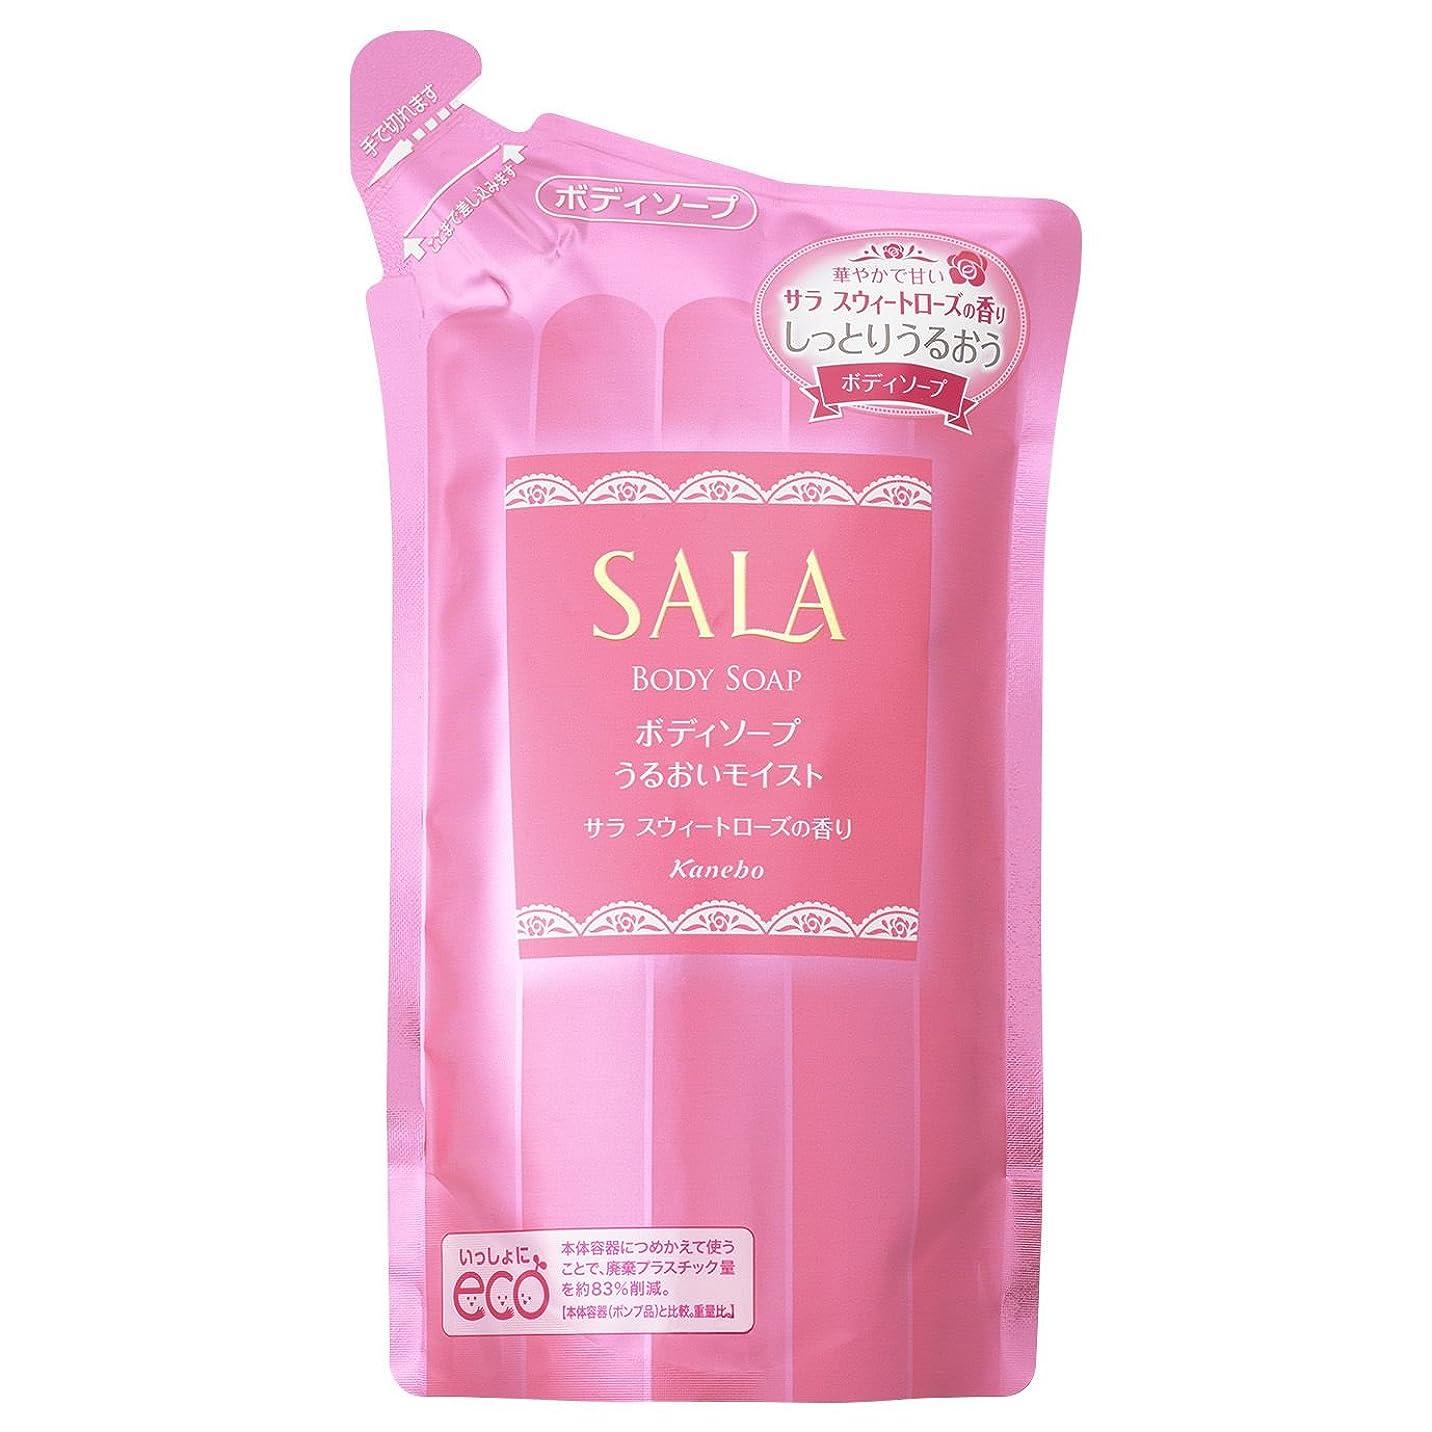 アピール阻害する報復するサラ ボディソープ うるおいモイスト つめかえ用 サラスウィートローズの香り